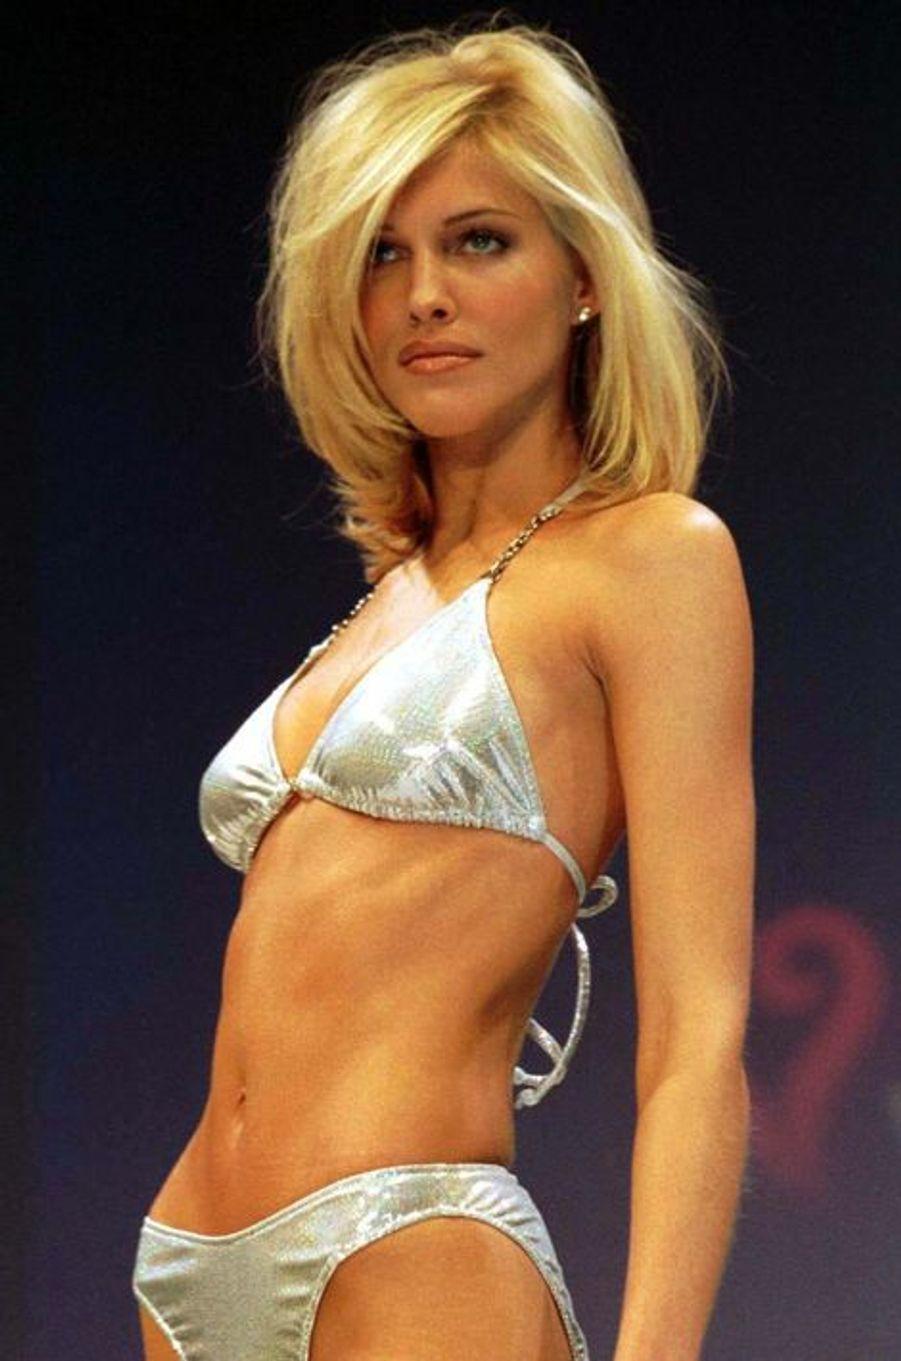 Le défilé de la marque Victoria's Secret en 1997 à New York (Tricia Helfer).